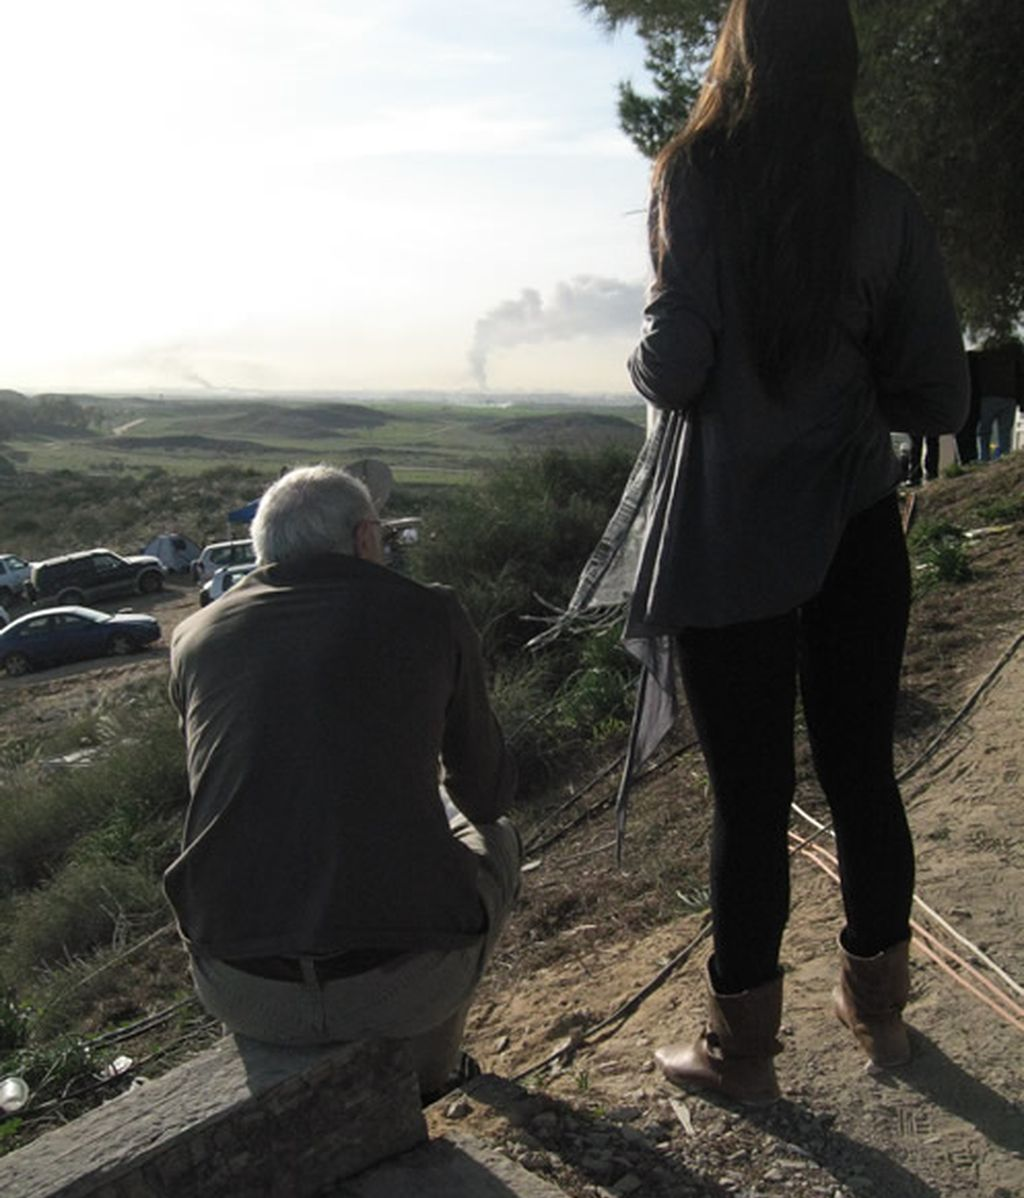 Jon Sistiaga: Gaza